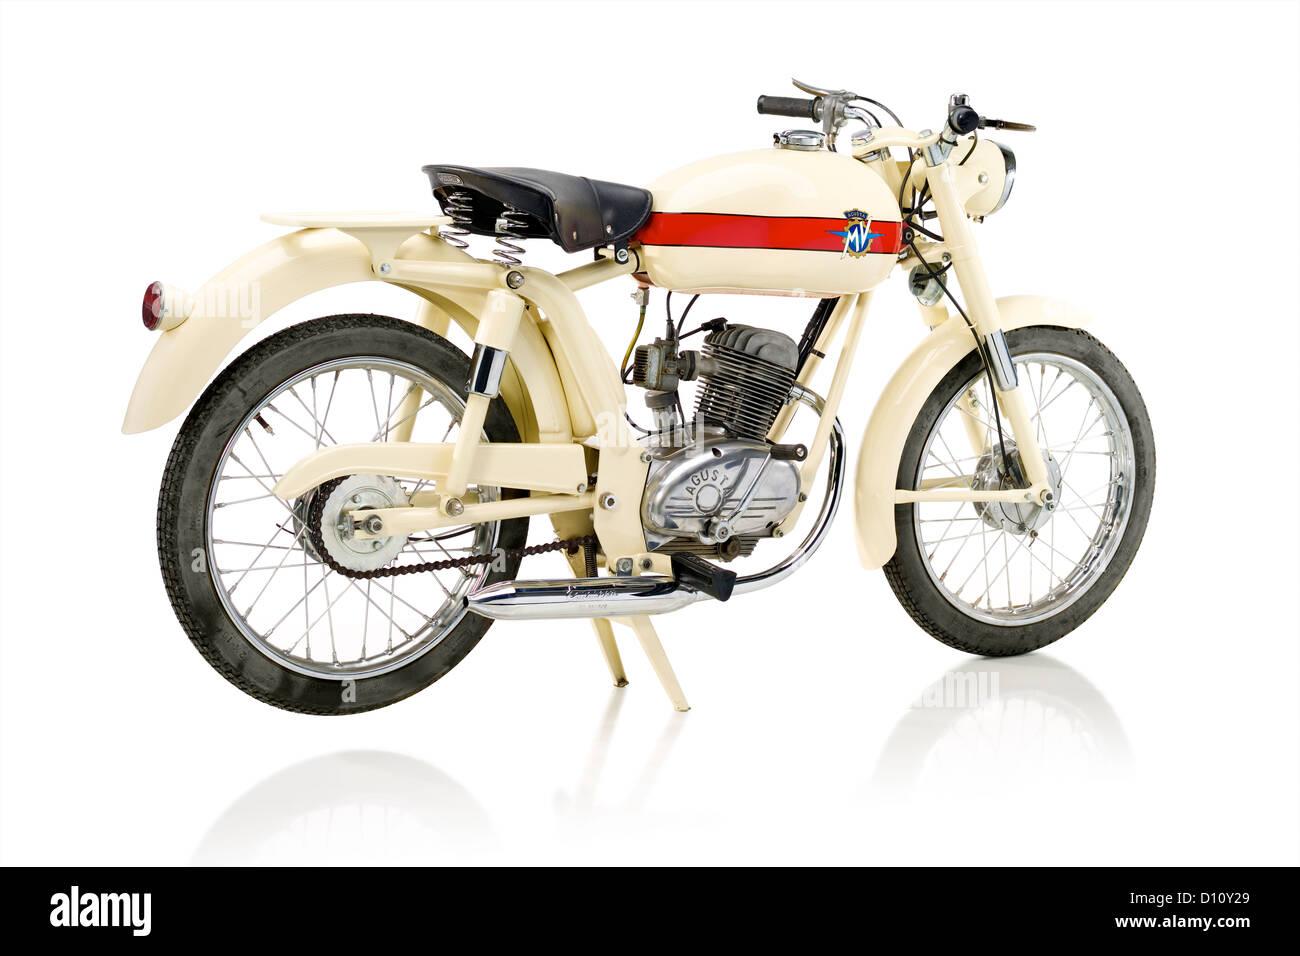 1966 MV Agusta Liberty Turismo motocicletta Immagini Stock